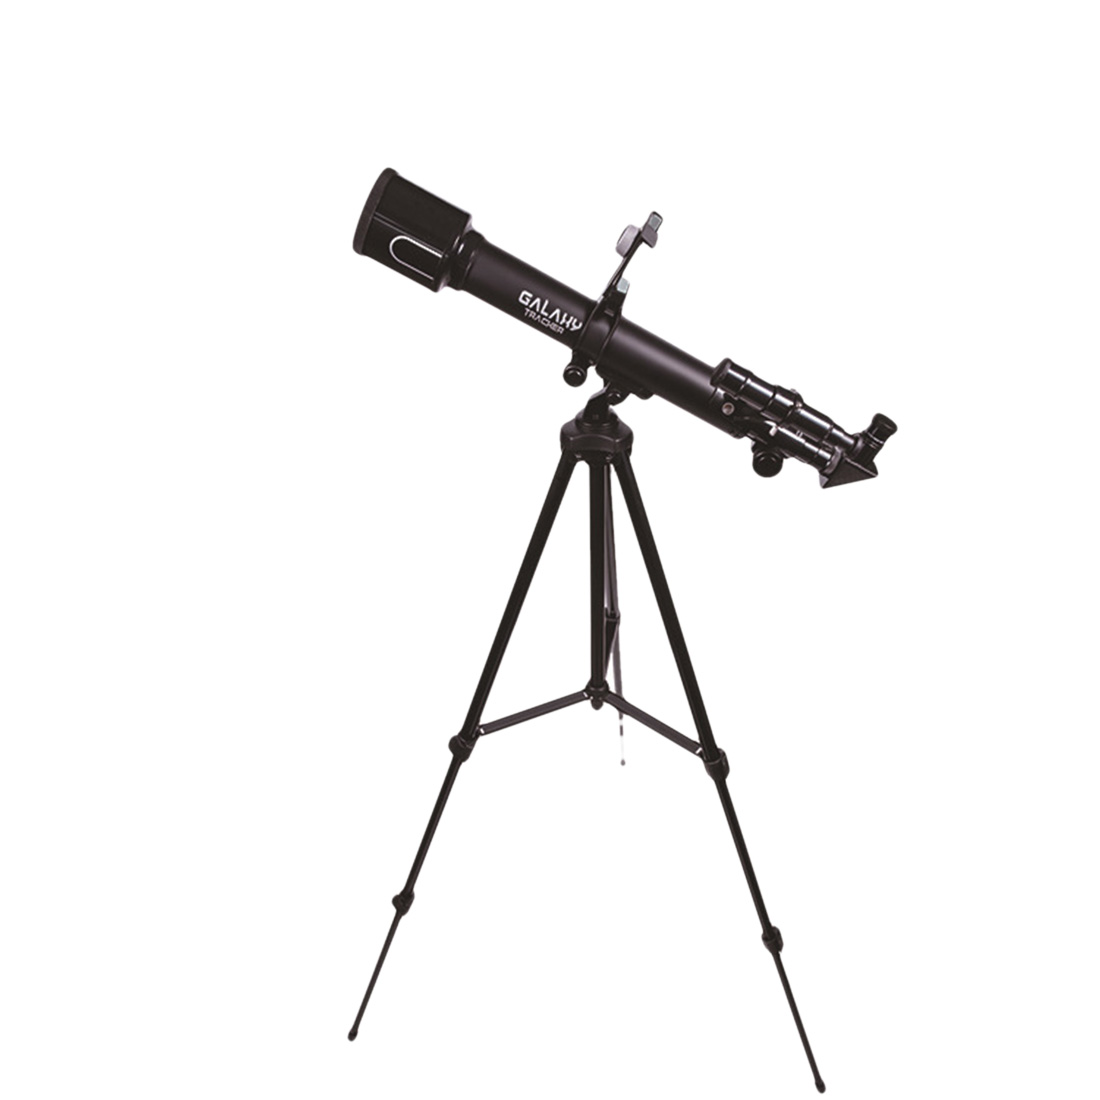 Surwish Entrée-niveau 125x50mm Suivi Étoiles HD Télescope BRICOLAGE Enfants Science Vapeur Tige Jouets